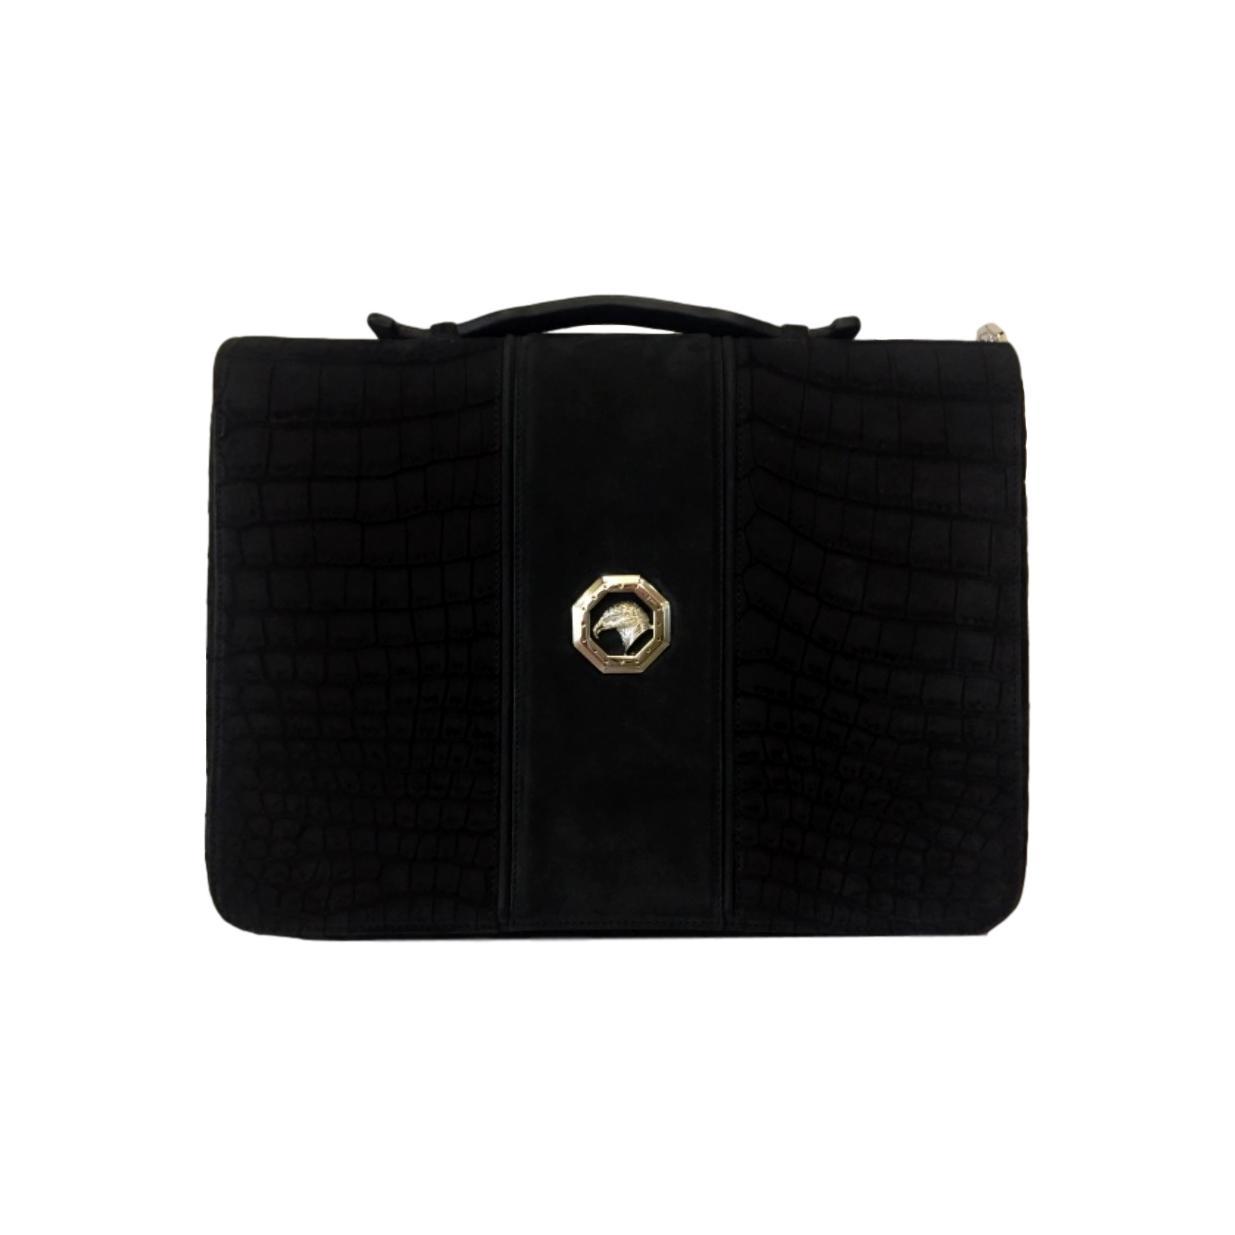 094c65985815 Купить портфель Stefano Ricci за 281120 руб. в интернет магазине ...